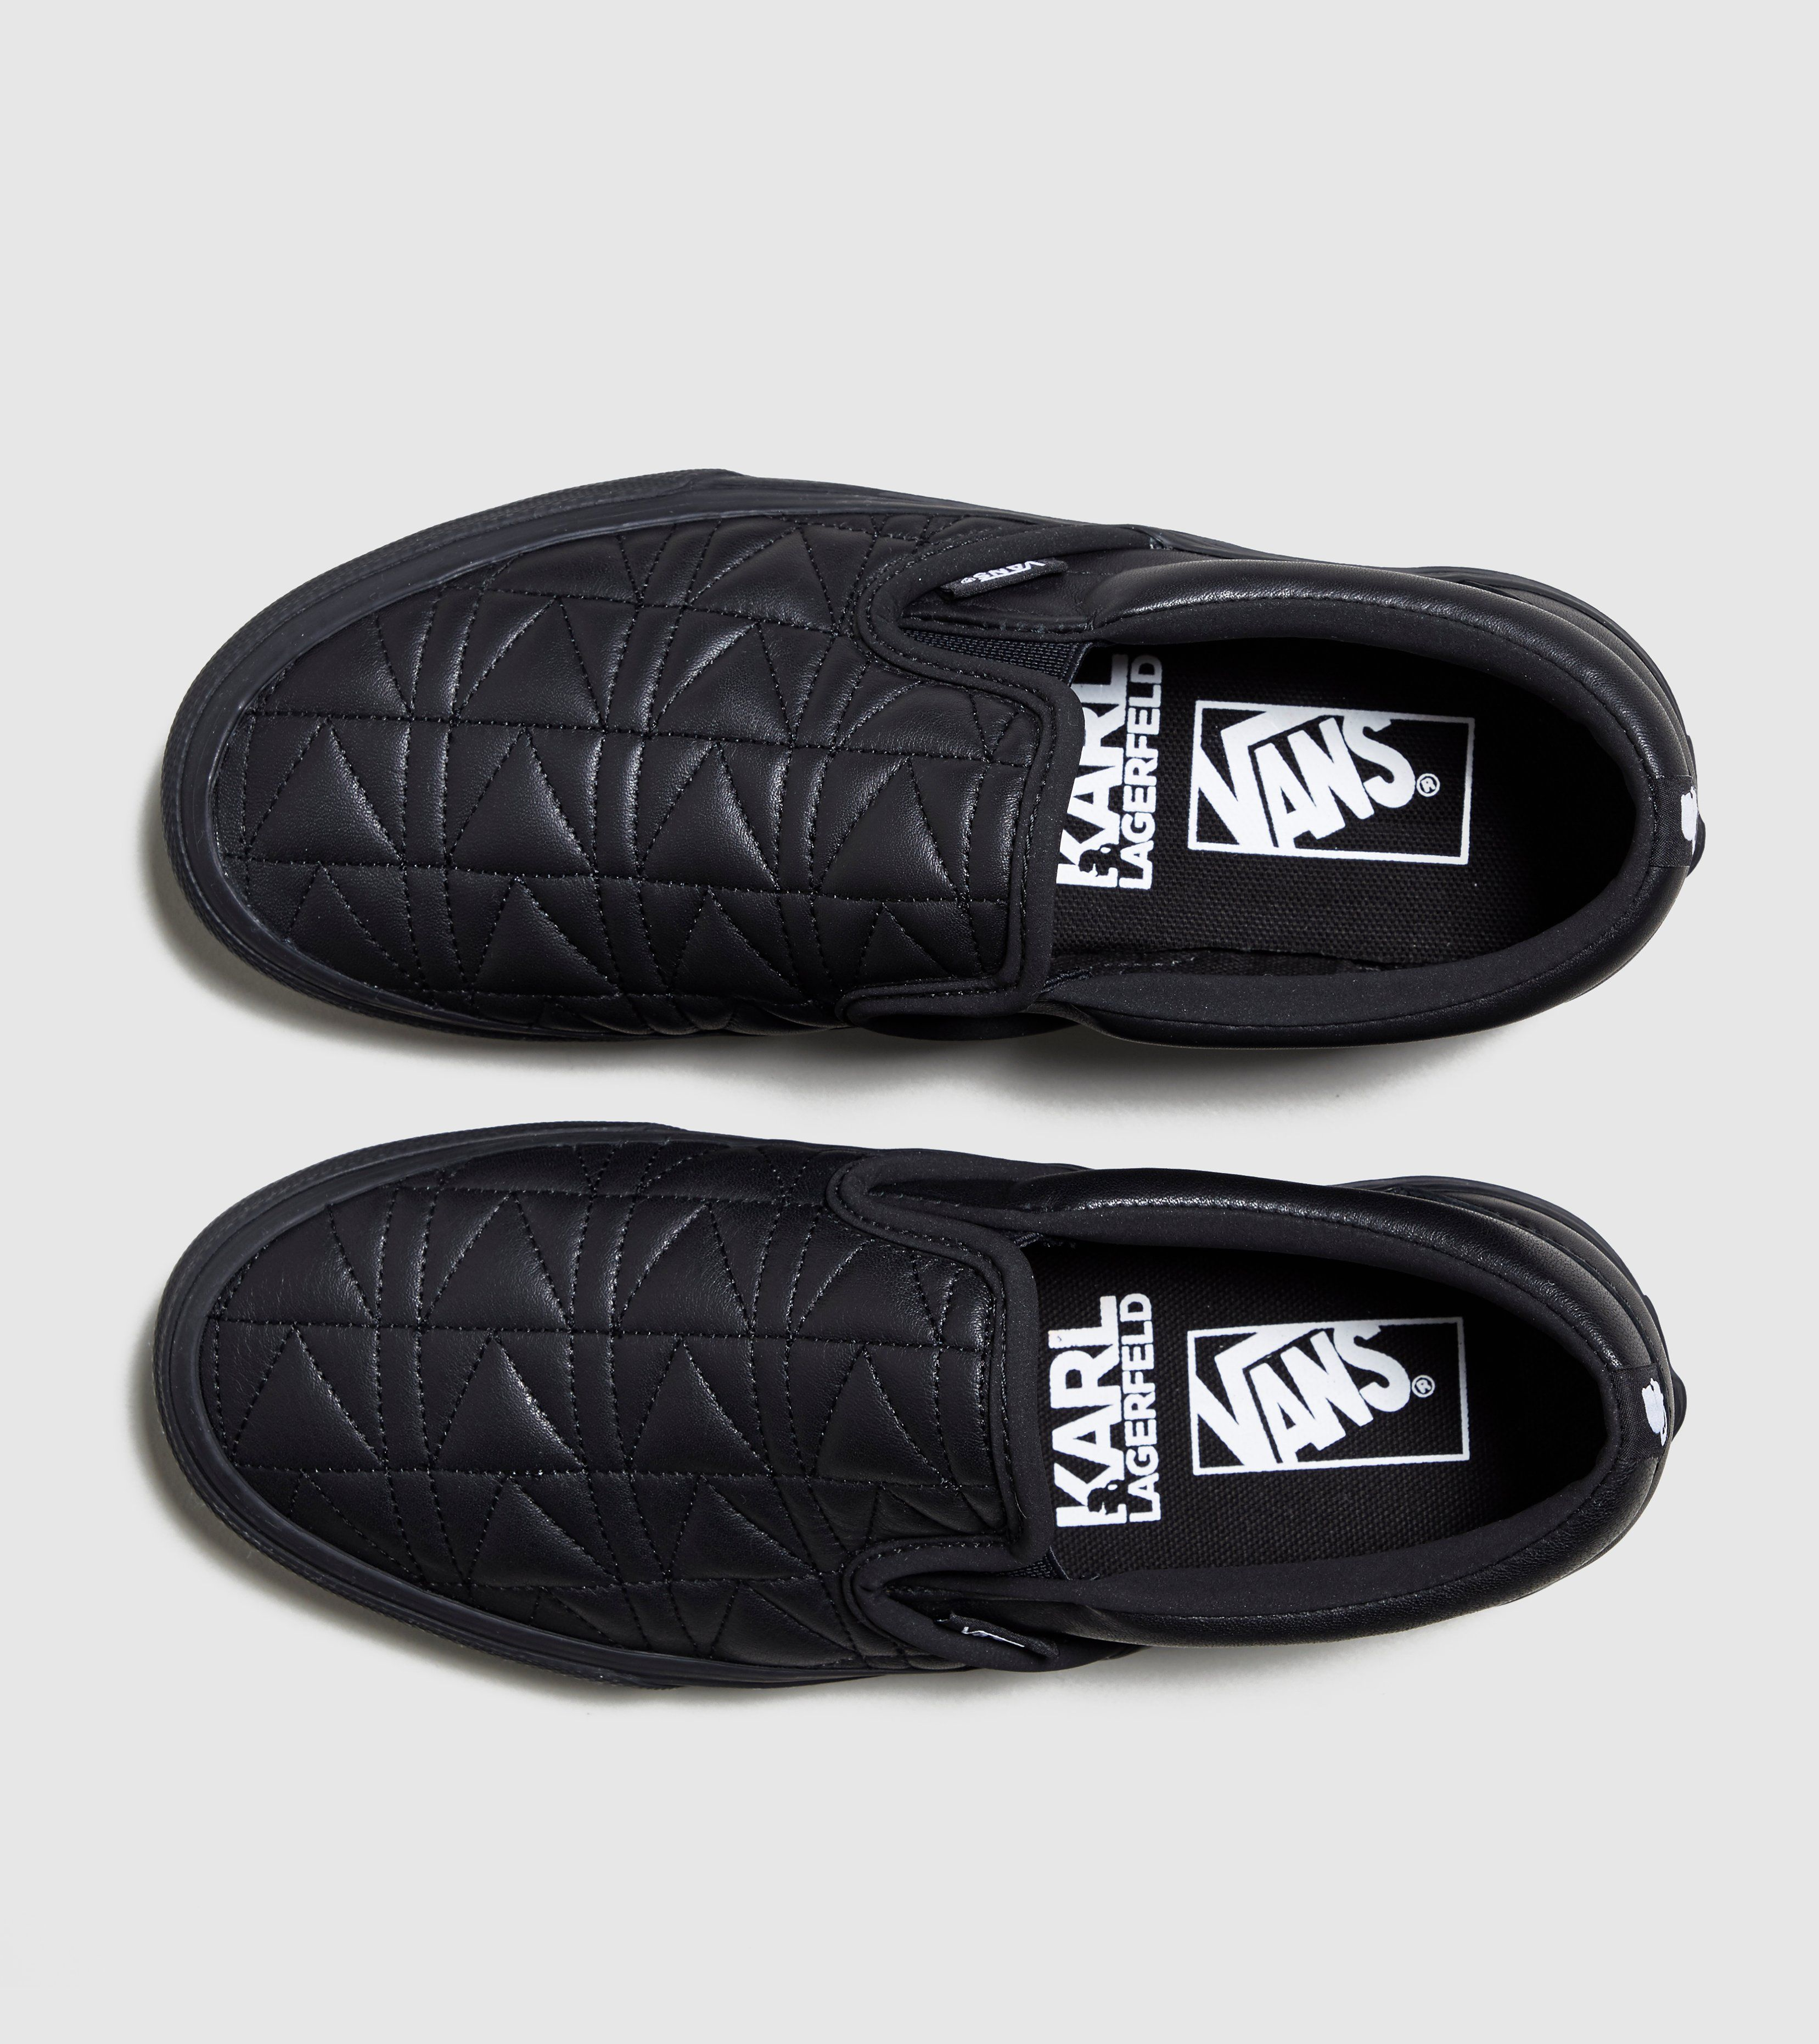 Vans x Karl Lagerfeld Classic Slip-On Dames